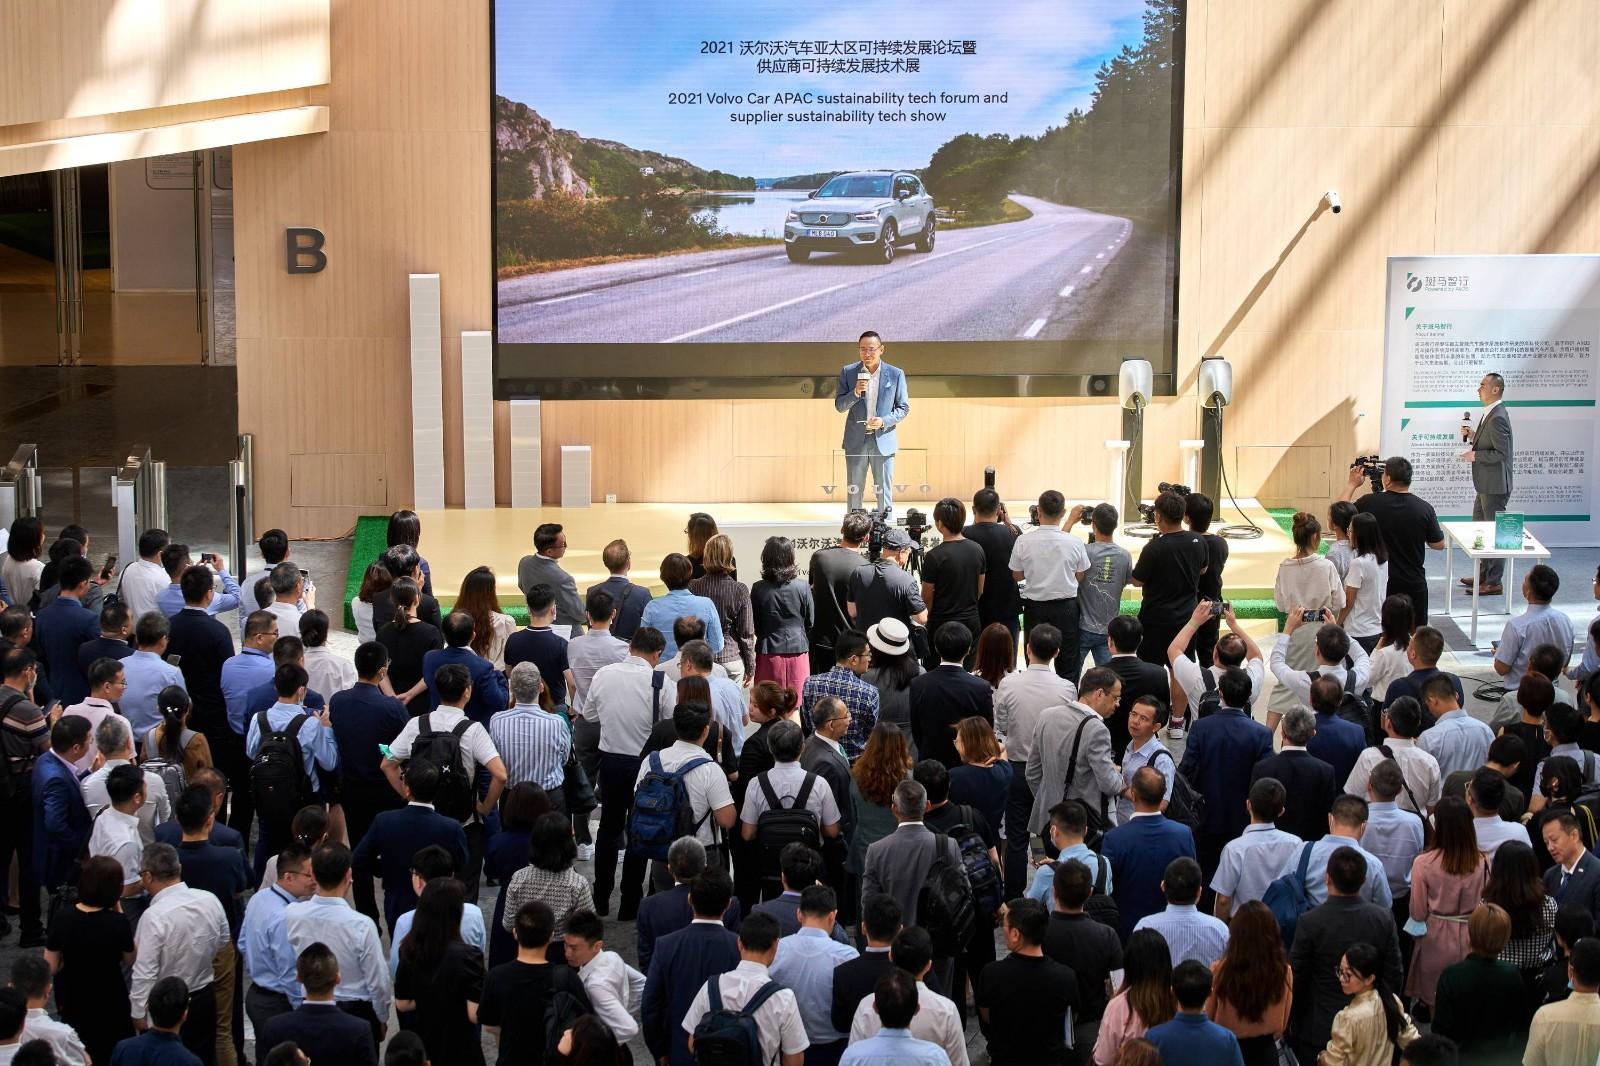 袁小林出席沃尔沃汽车亚太区可持续发展科技日